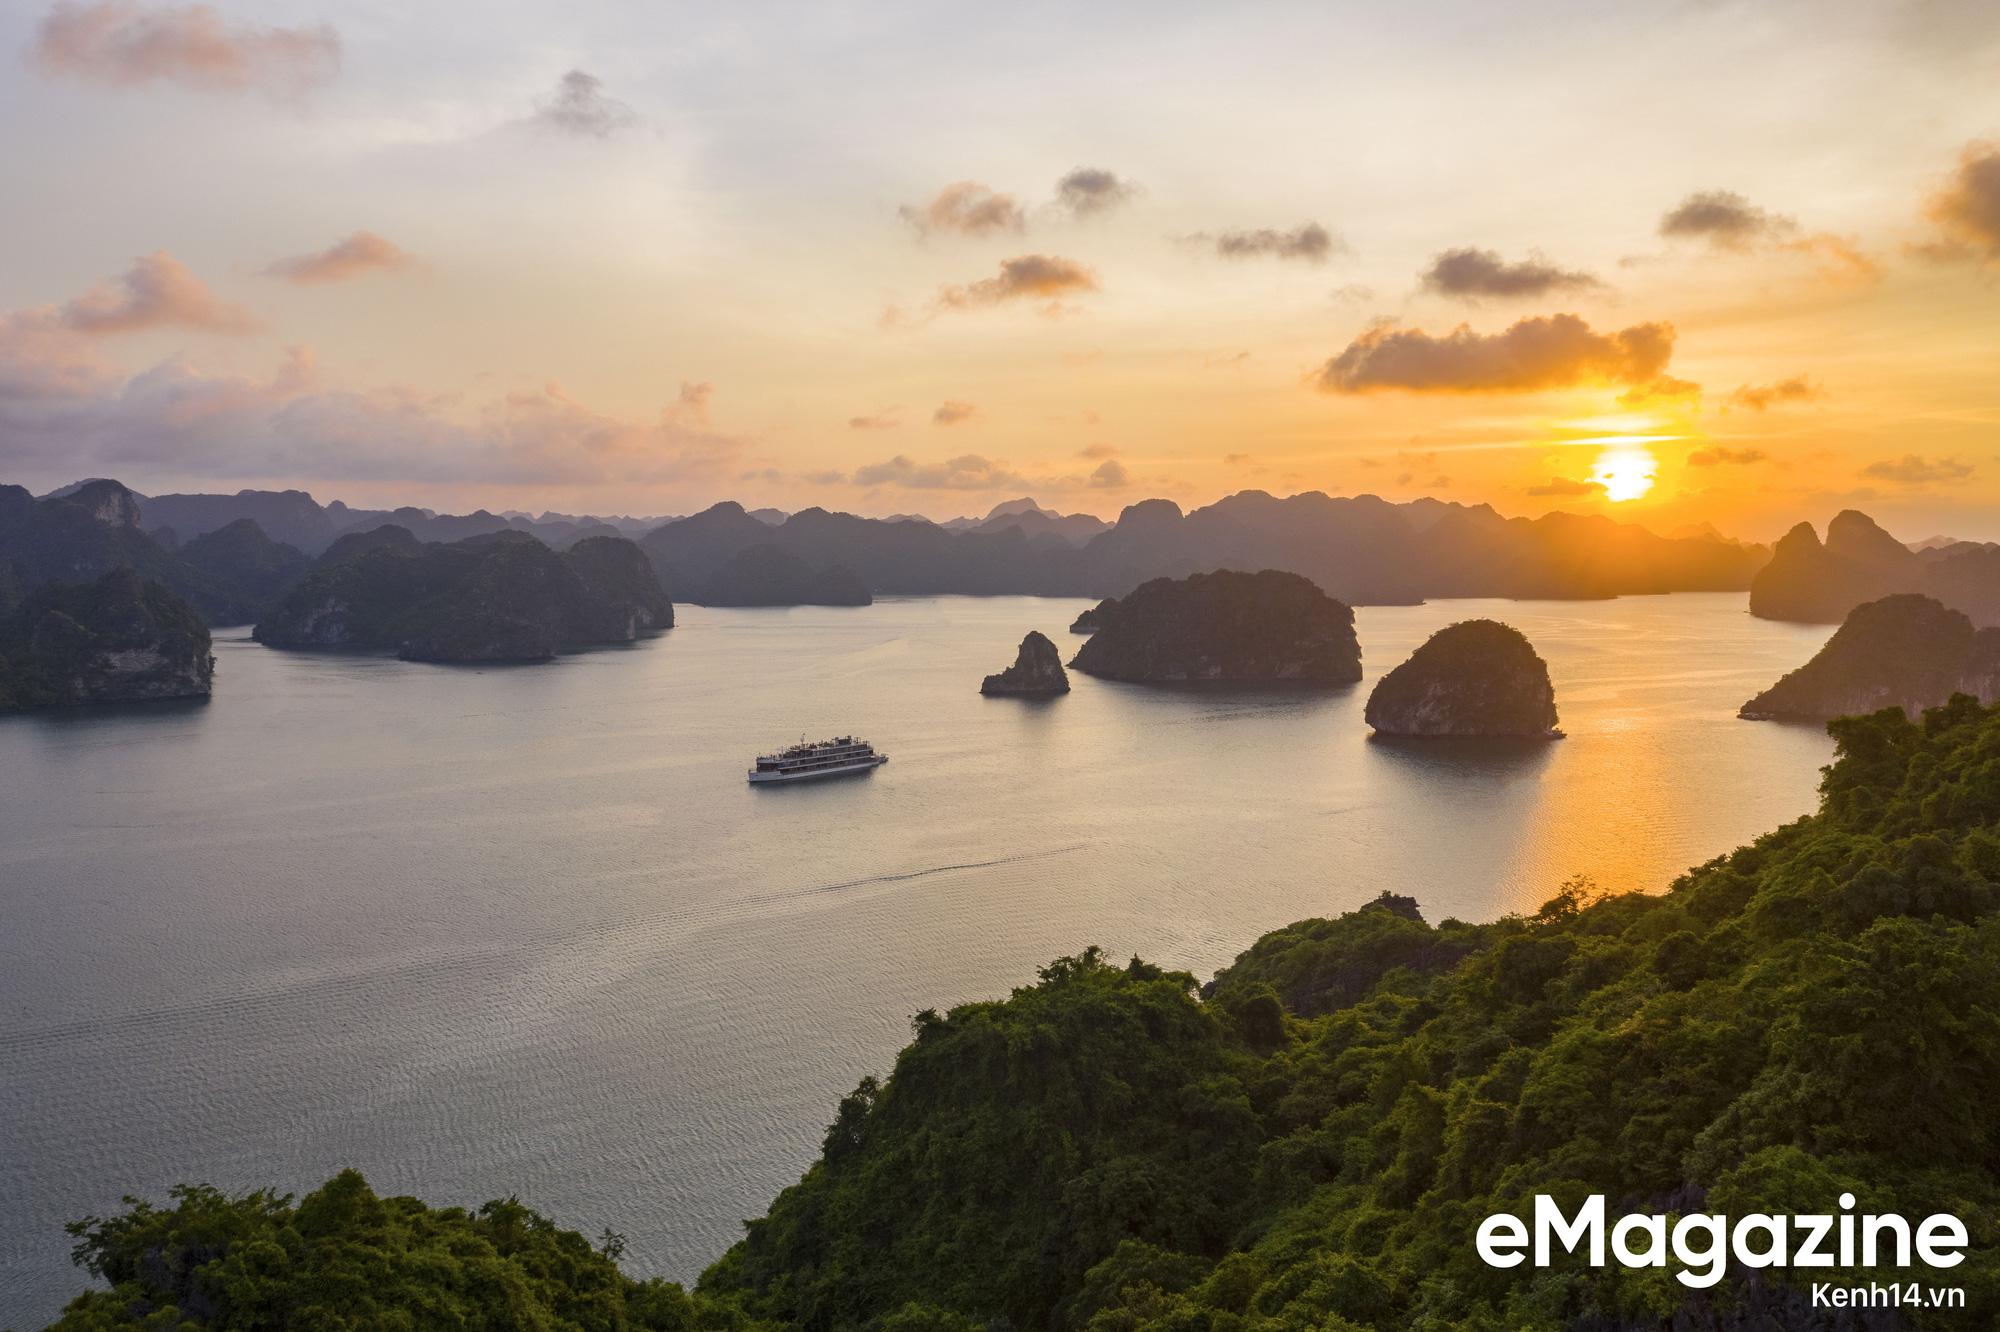 Trải nghiệm vịnh Lan Hạ đẹp như thơ trên du thuyền 5 sao để nhận ra: Đi du lịch ở Việt Nam có thể đẳng cấp chẳng kém chỗ nào! - Ảnh 3.